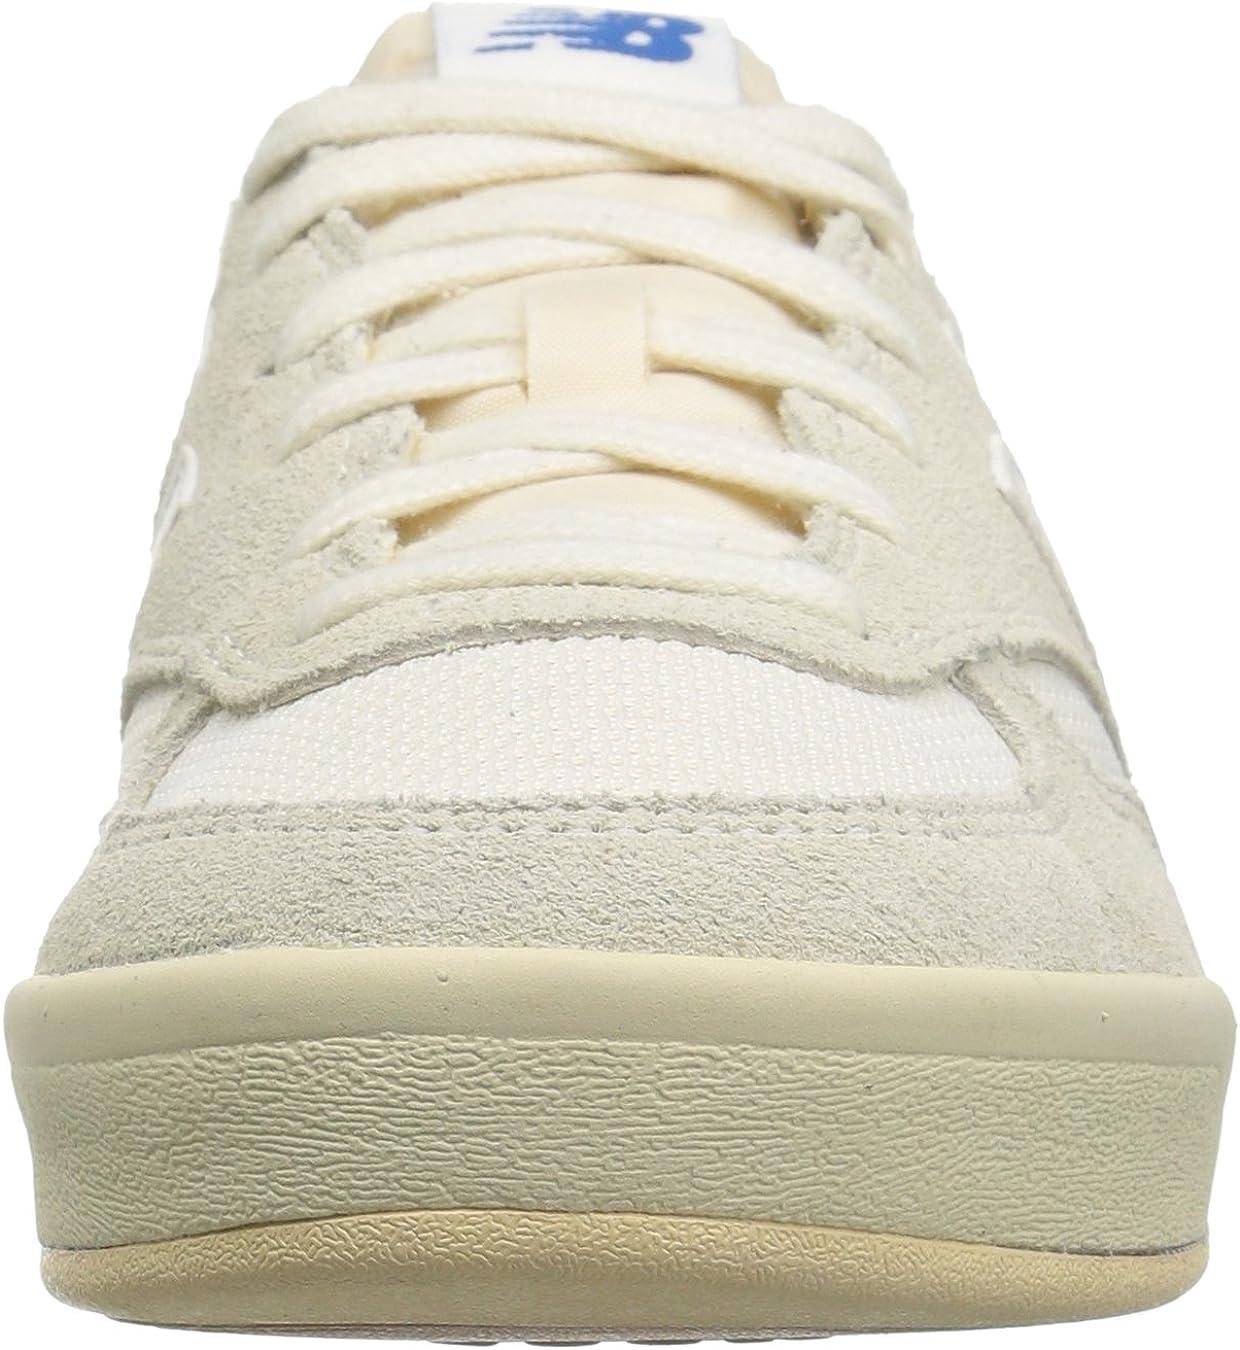 Aplicado mitología Empírico  Amazon.com | New Balance Men's 300 V1 Court Sneaker | Fashion Sneakers